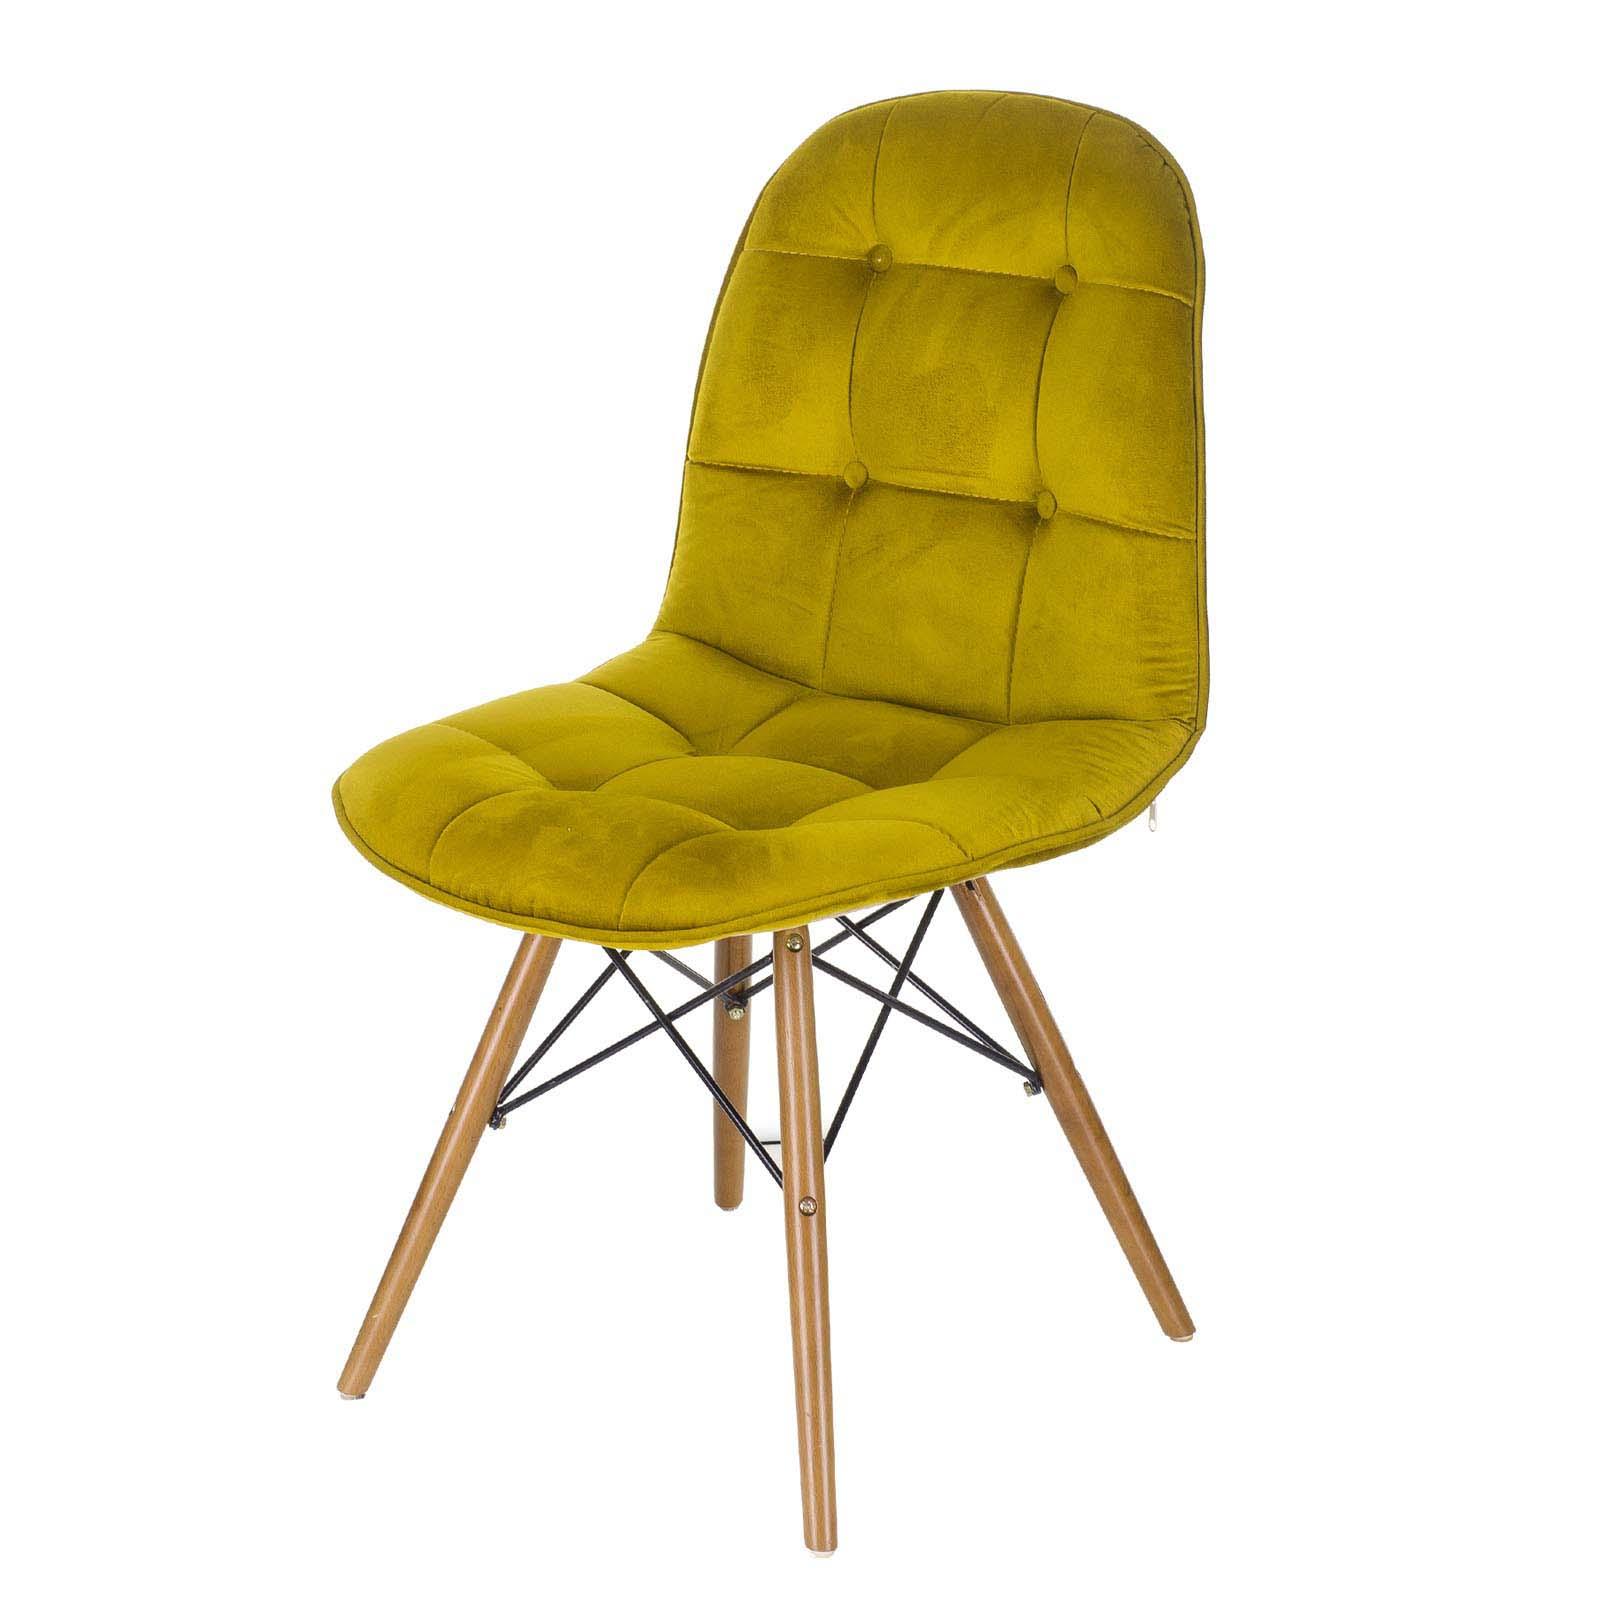 sandalye-fotograf-cekimi Koltuk Fotoğraf Çekimi